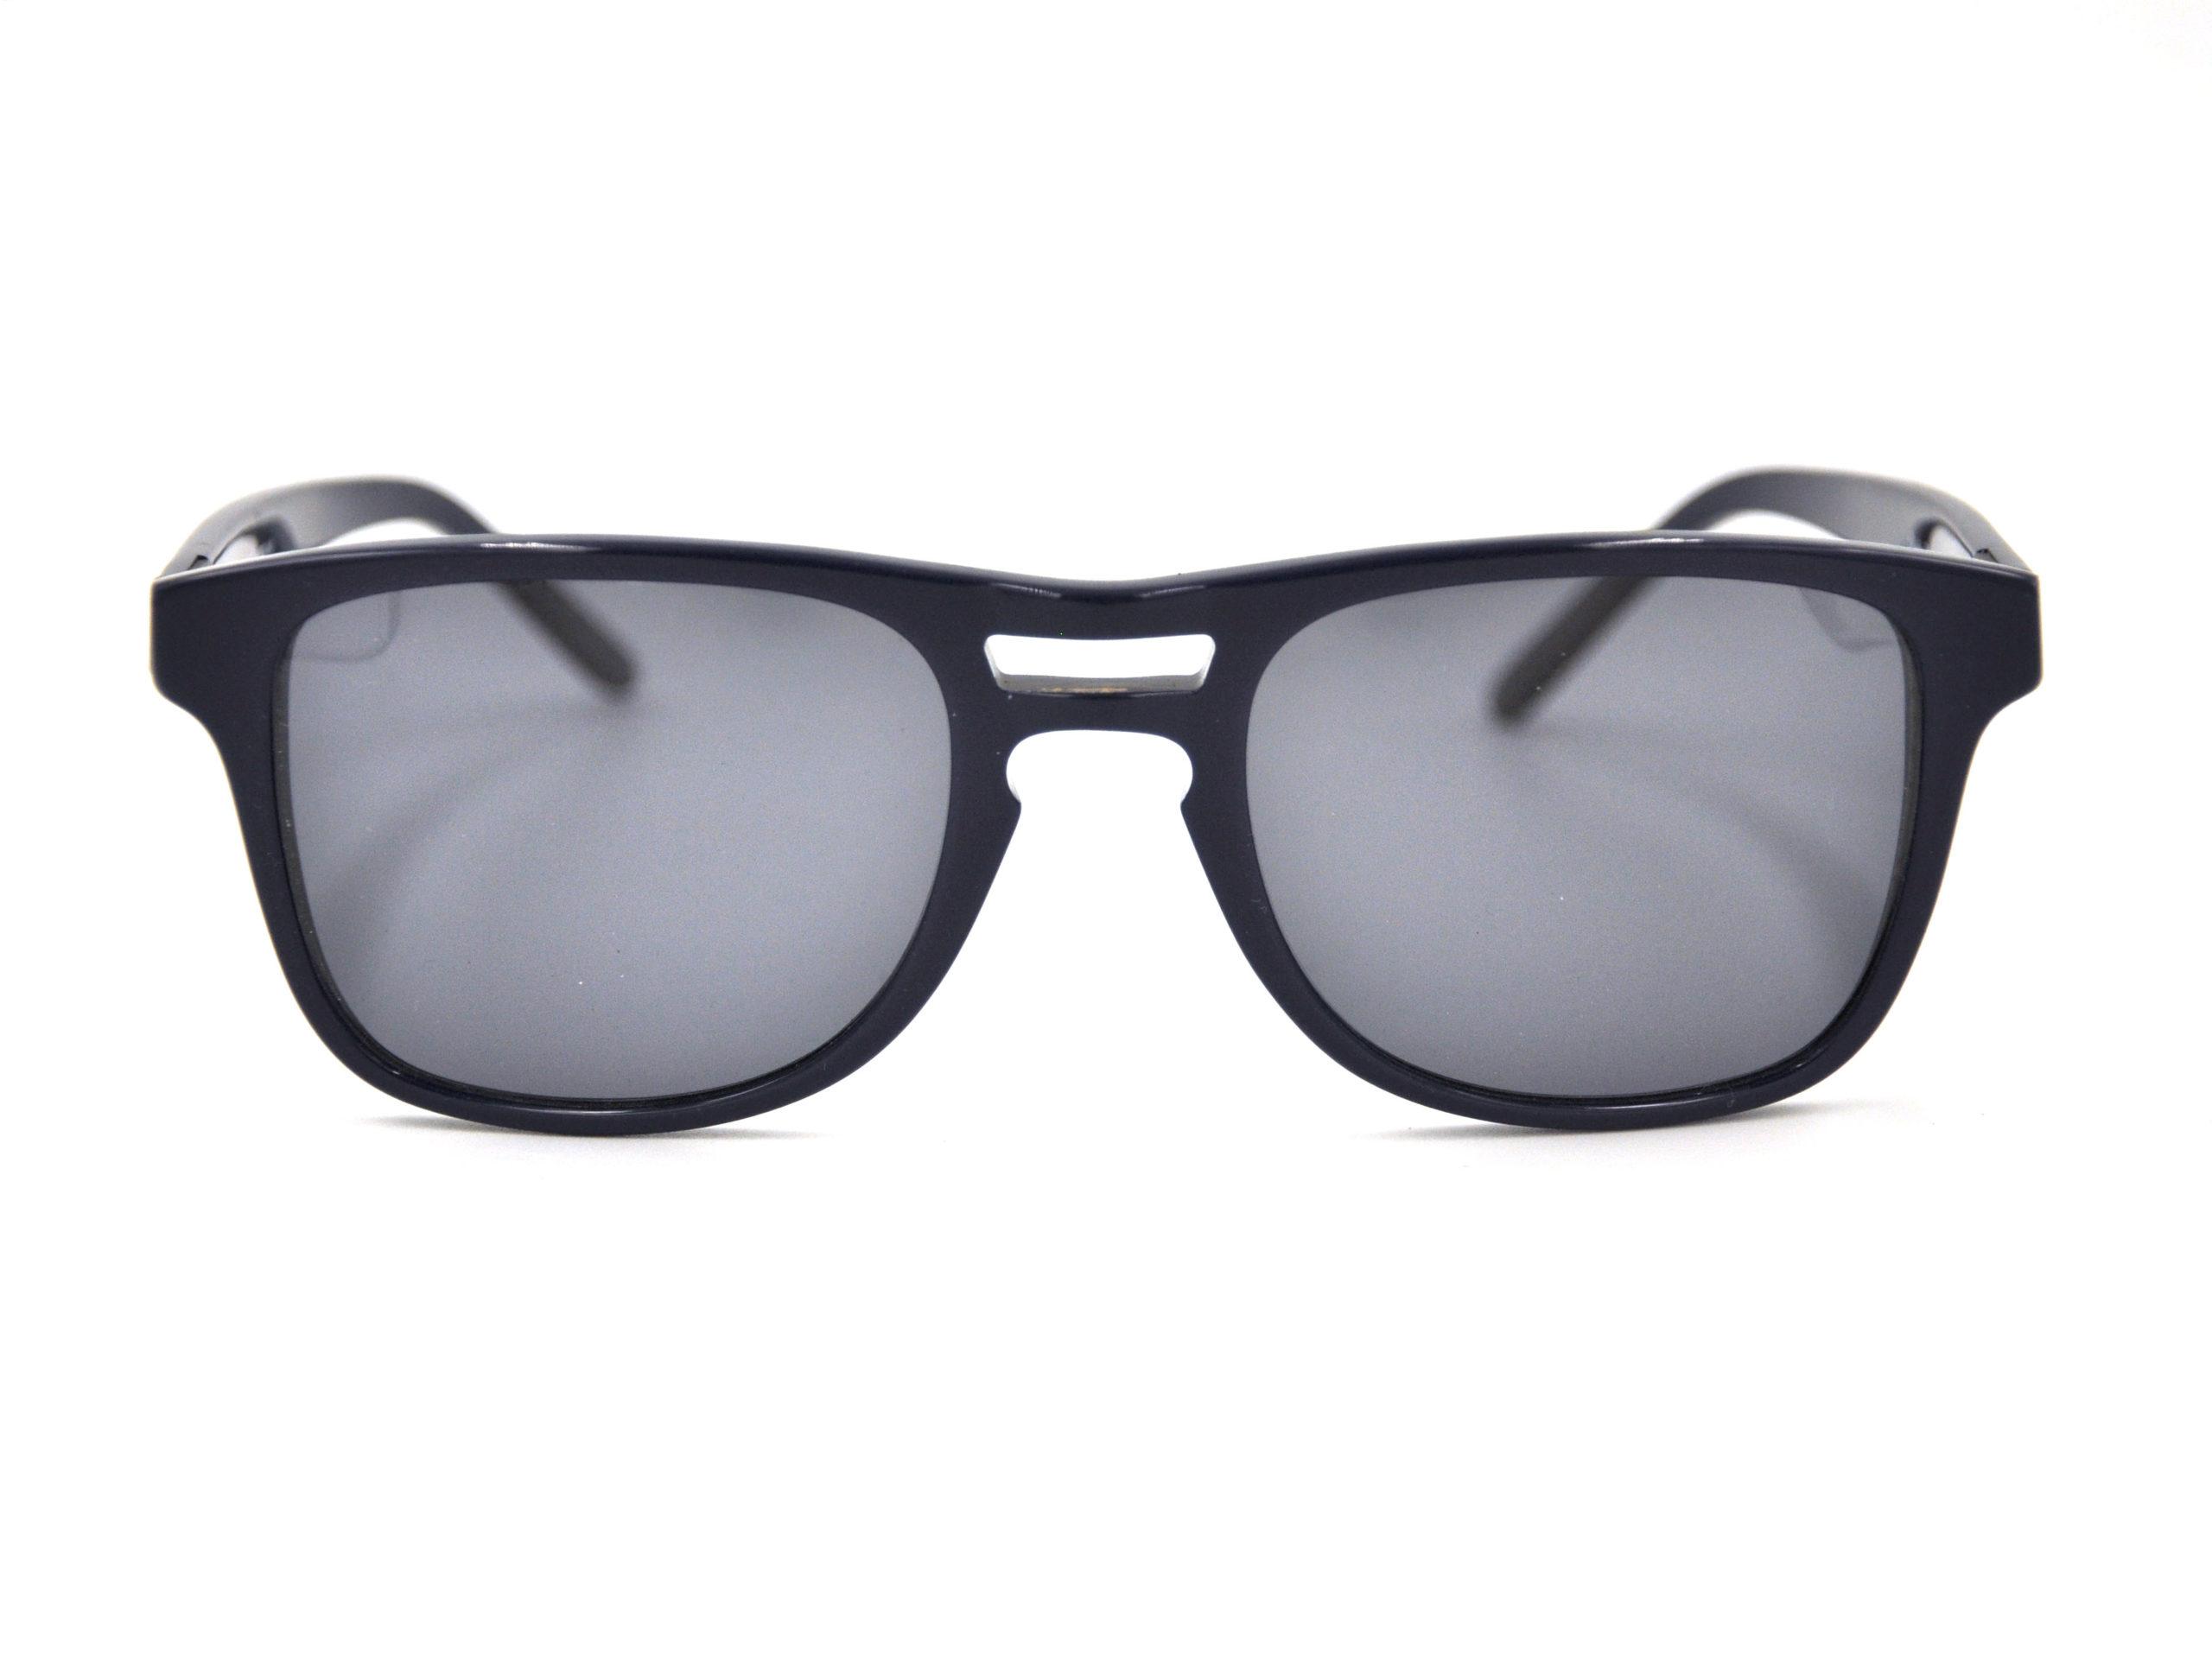 Γυαλιά ηλίου Ridley RD6322 RX07 Πειραιάς